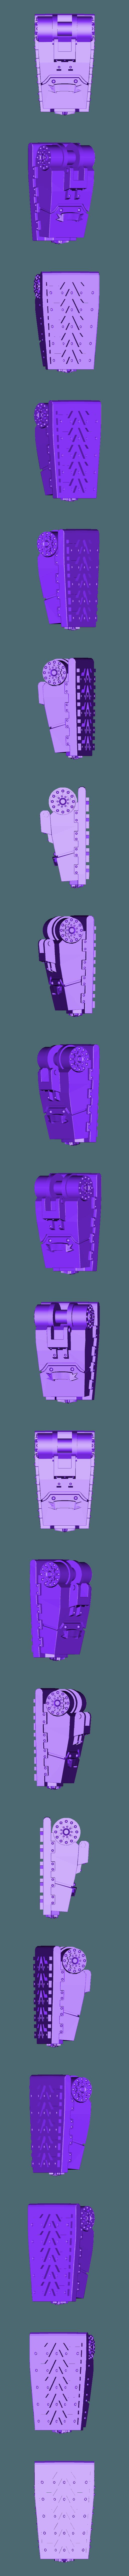 toe_side_tipx4.STL Télécharger fichier STL gratuit Lucius Wardog Titan • Plan pour imprimante 3D, jimsbeanz